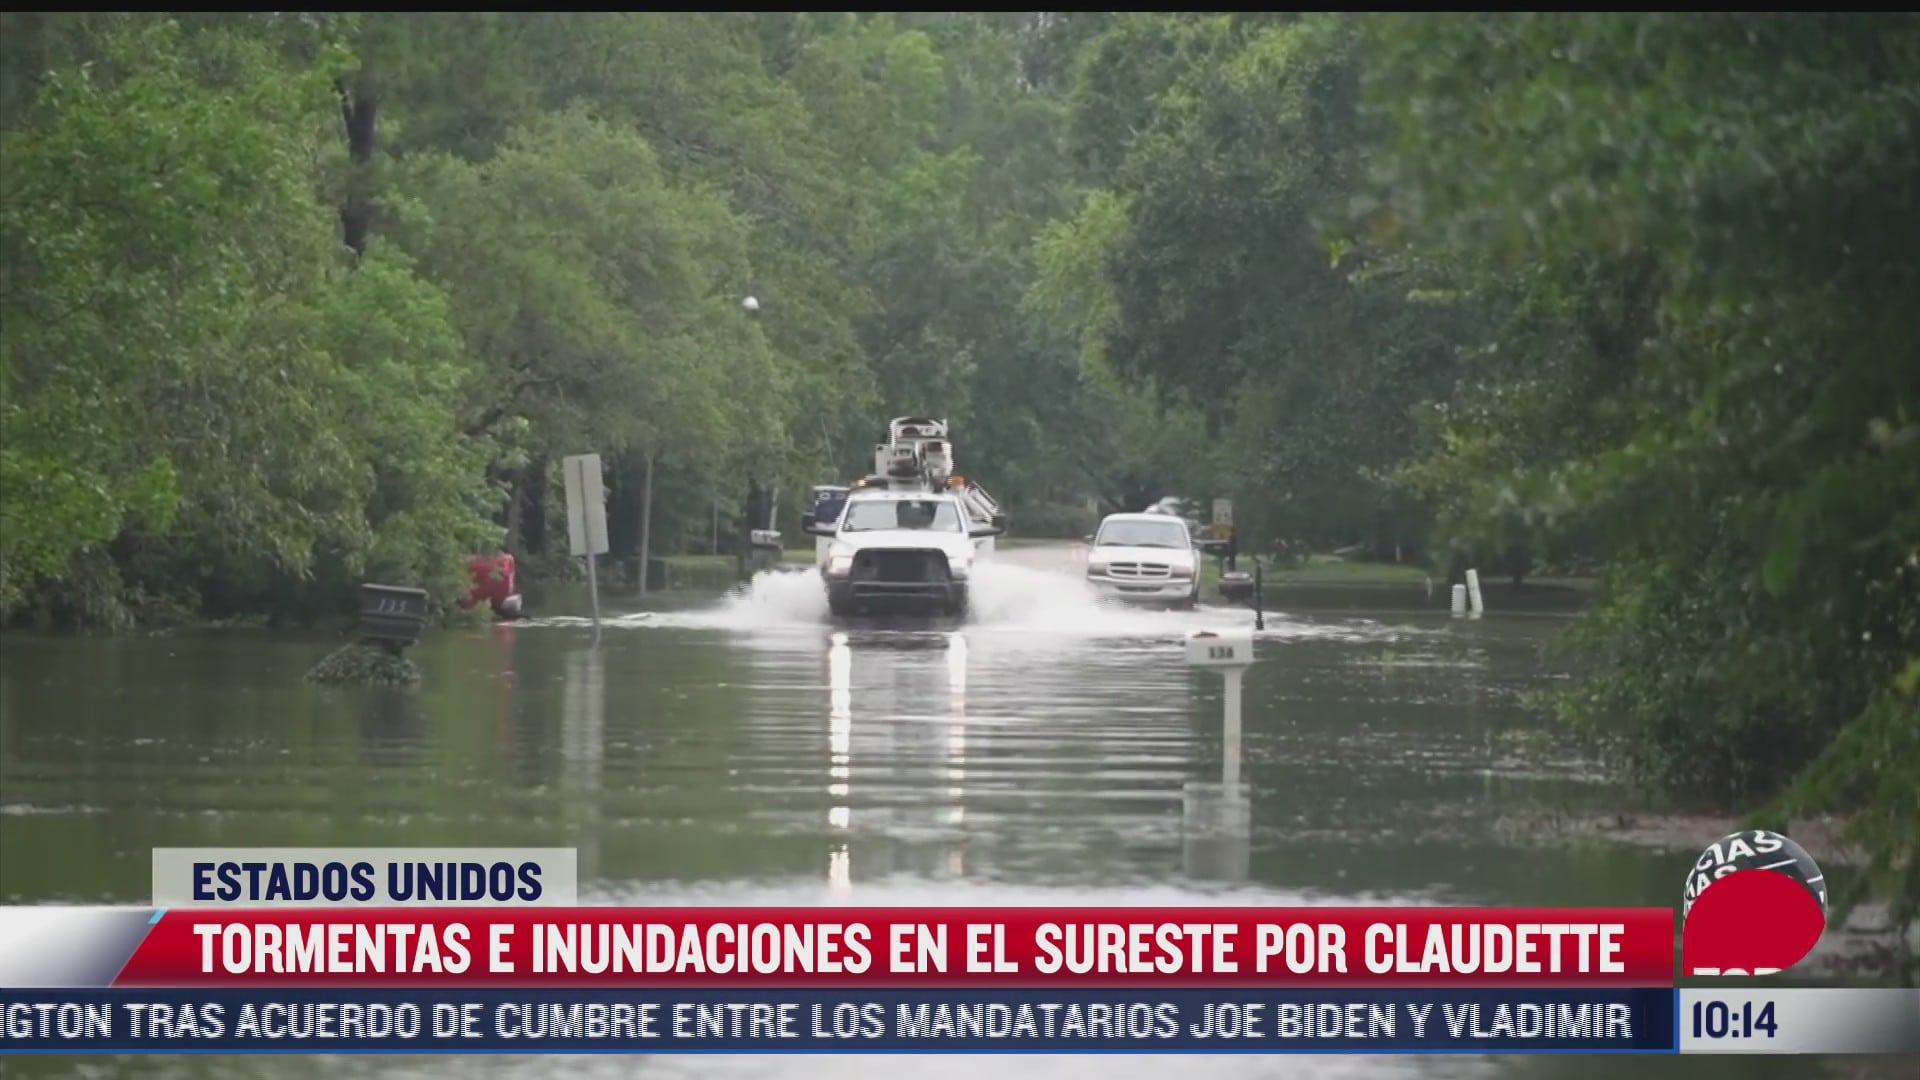 claudette provoca fuertes lluvias e inundaciones en eeuu